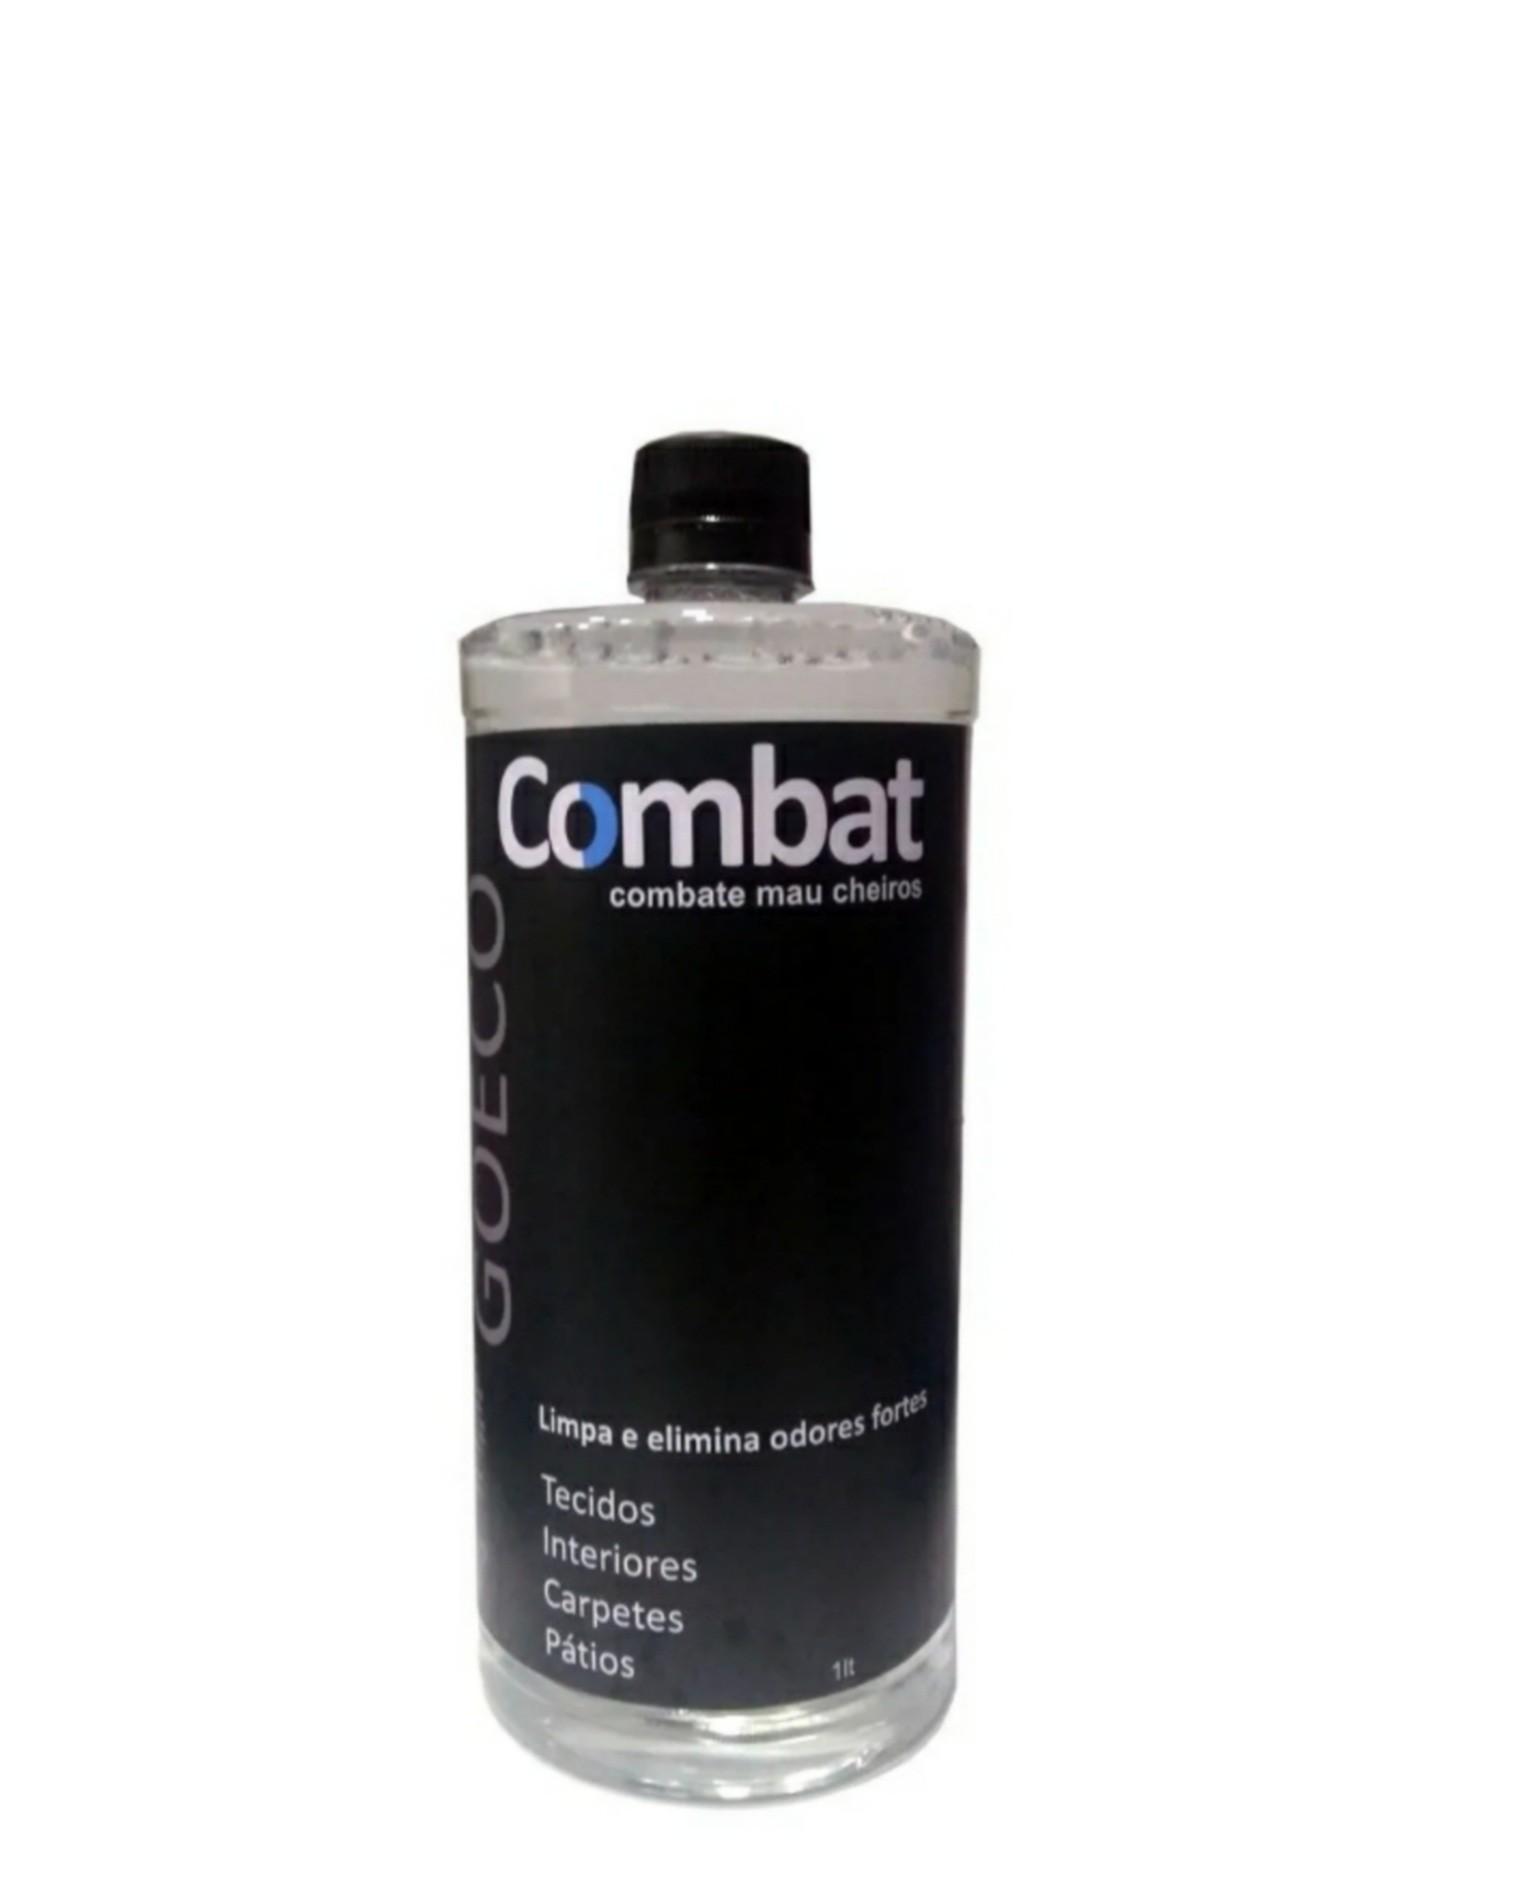 COMBAT - Eliminador de Odores Fortes 1LT